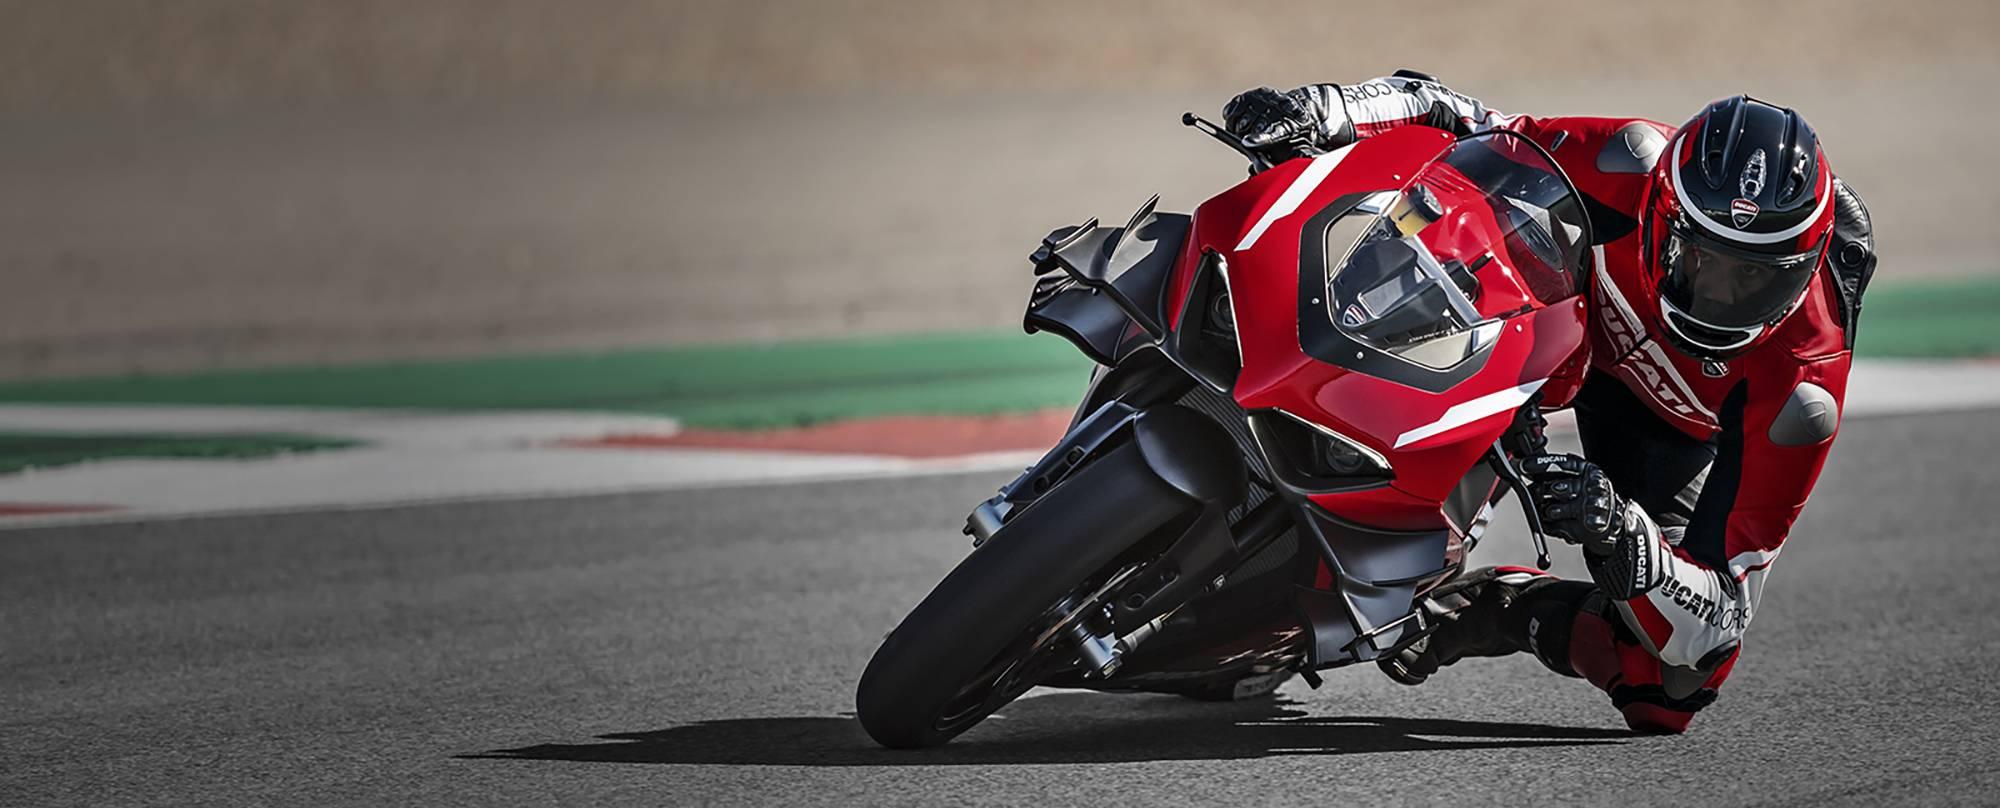 Motos Ducati neuves à Lyon